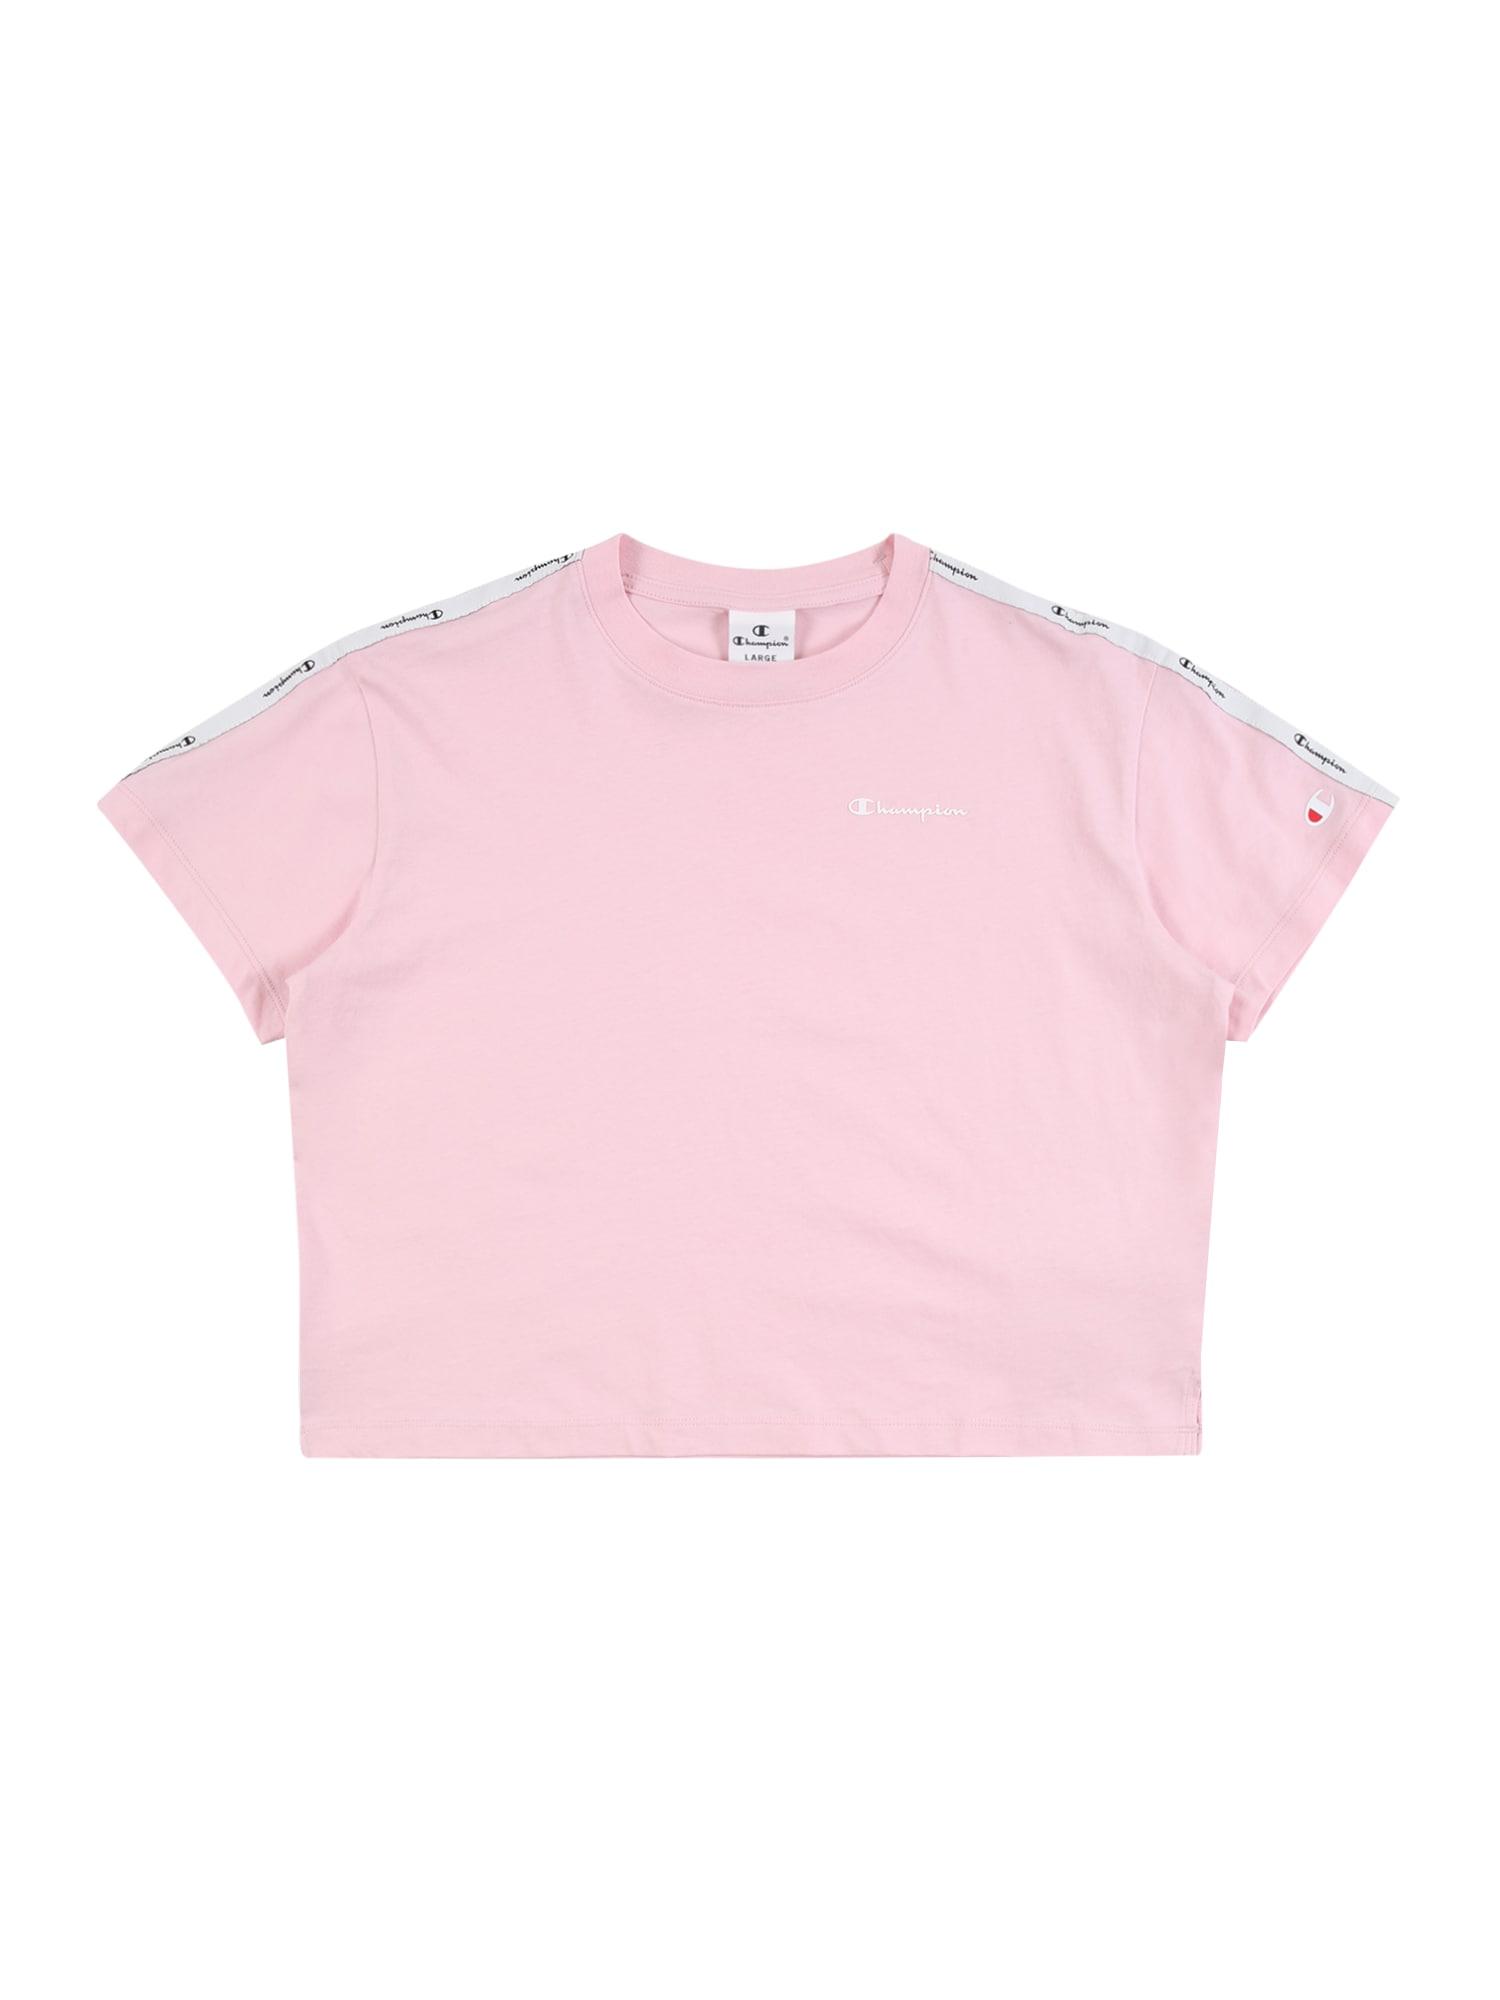 Champion Authentic Athletic Apparel Marškinėliai rožių spalva / juoda / balta